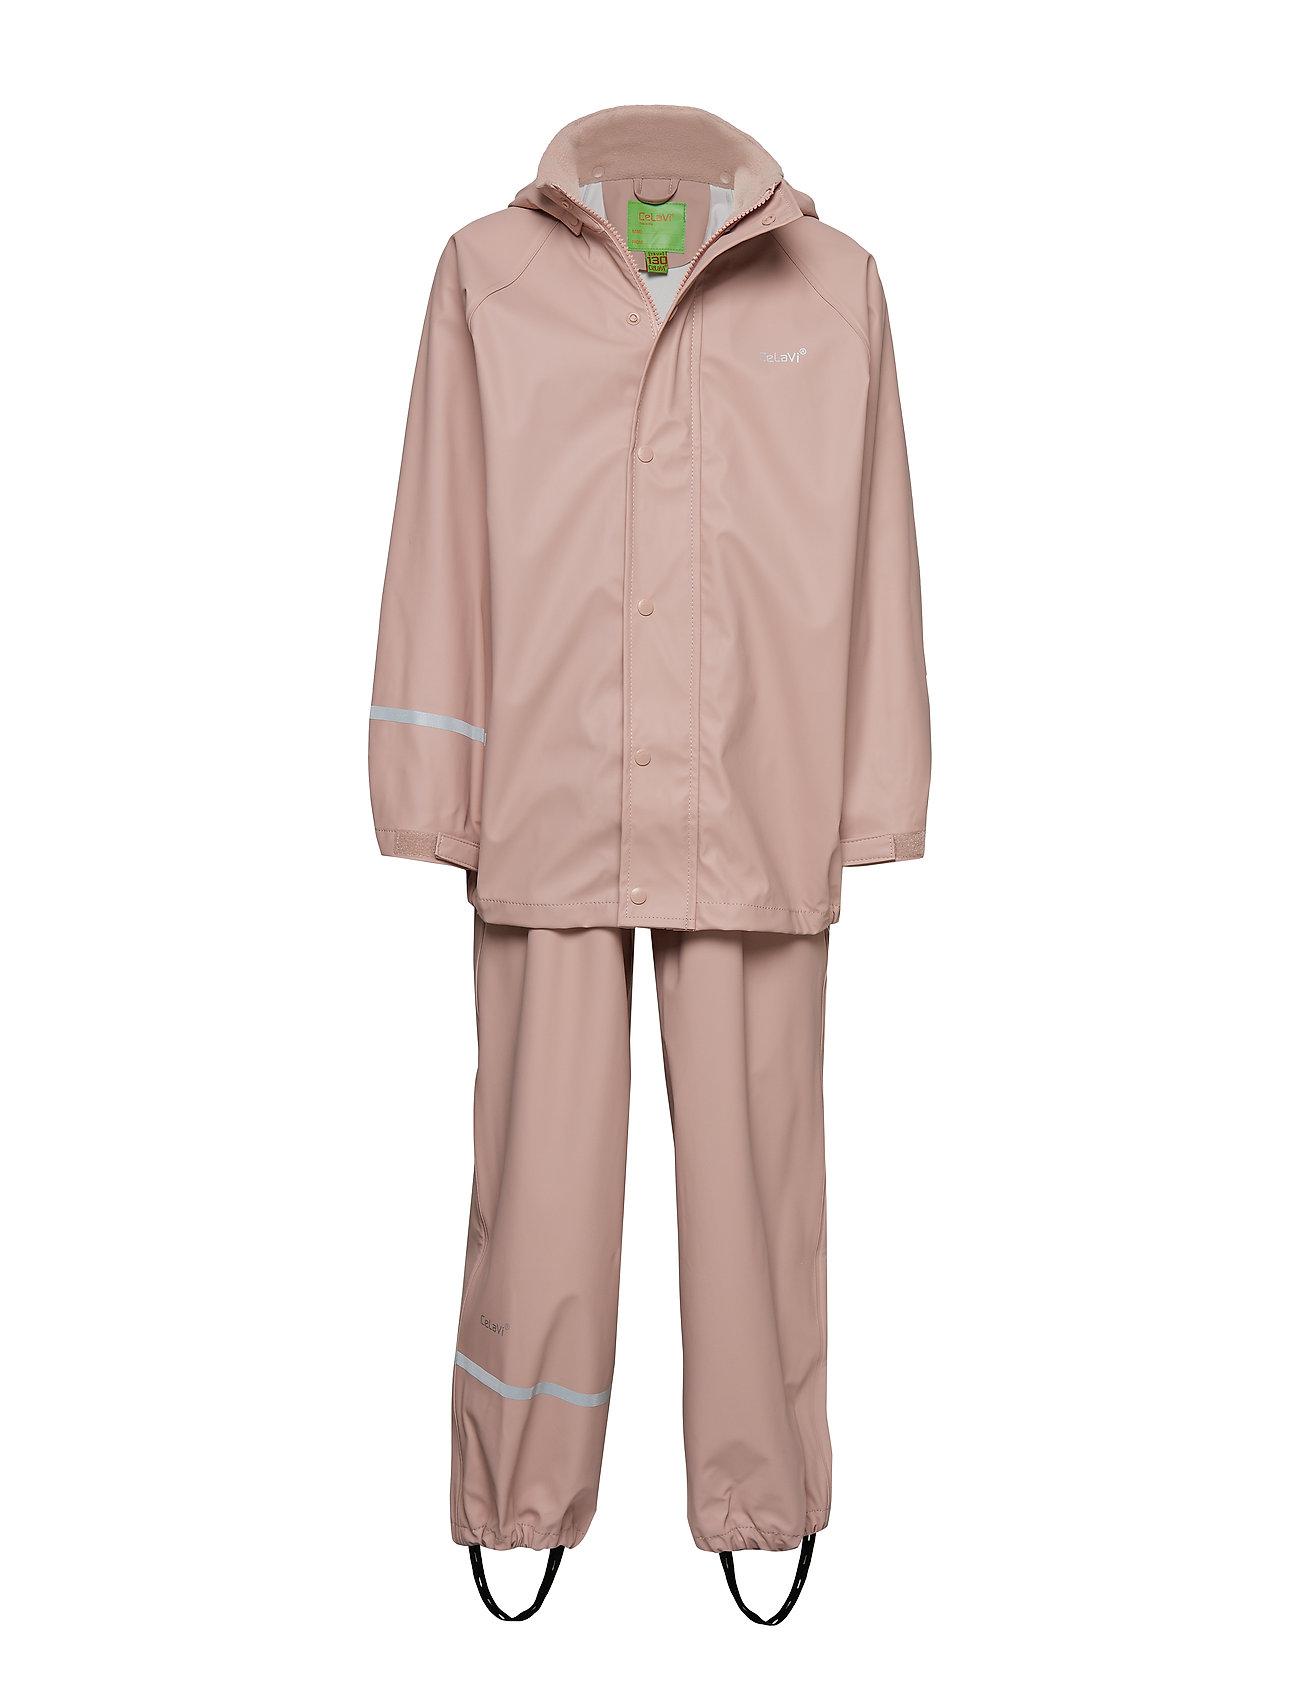 Basci Rainwear Set, Solid CeLaVi Regntøj til Børn i Grøn